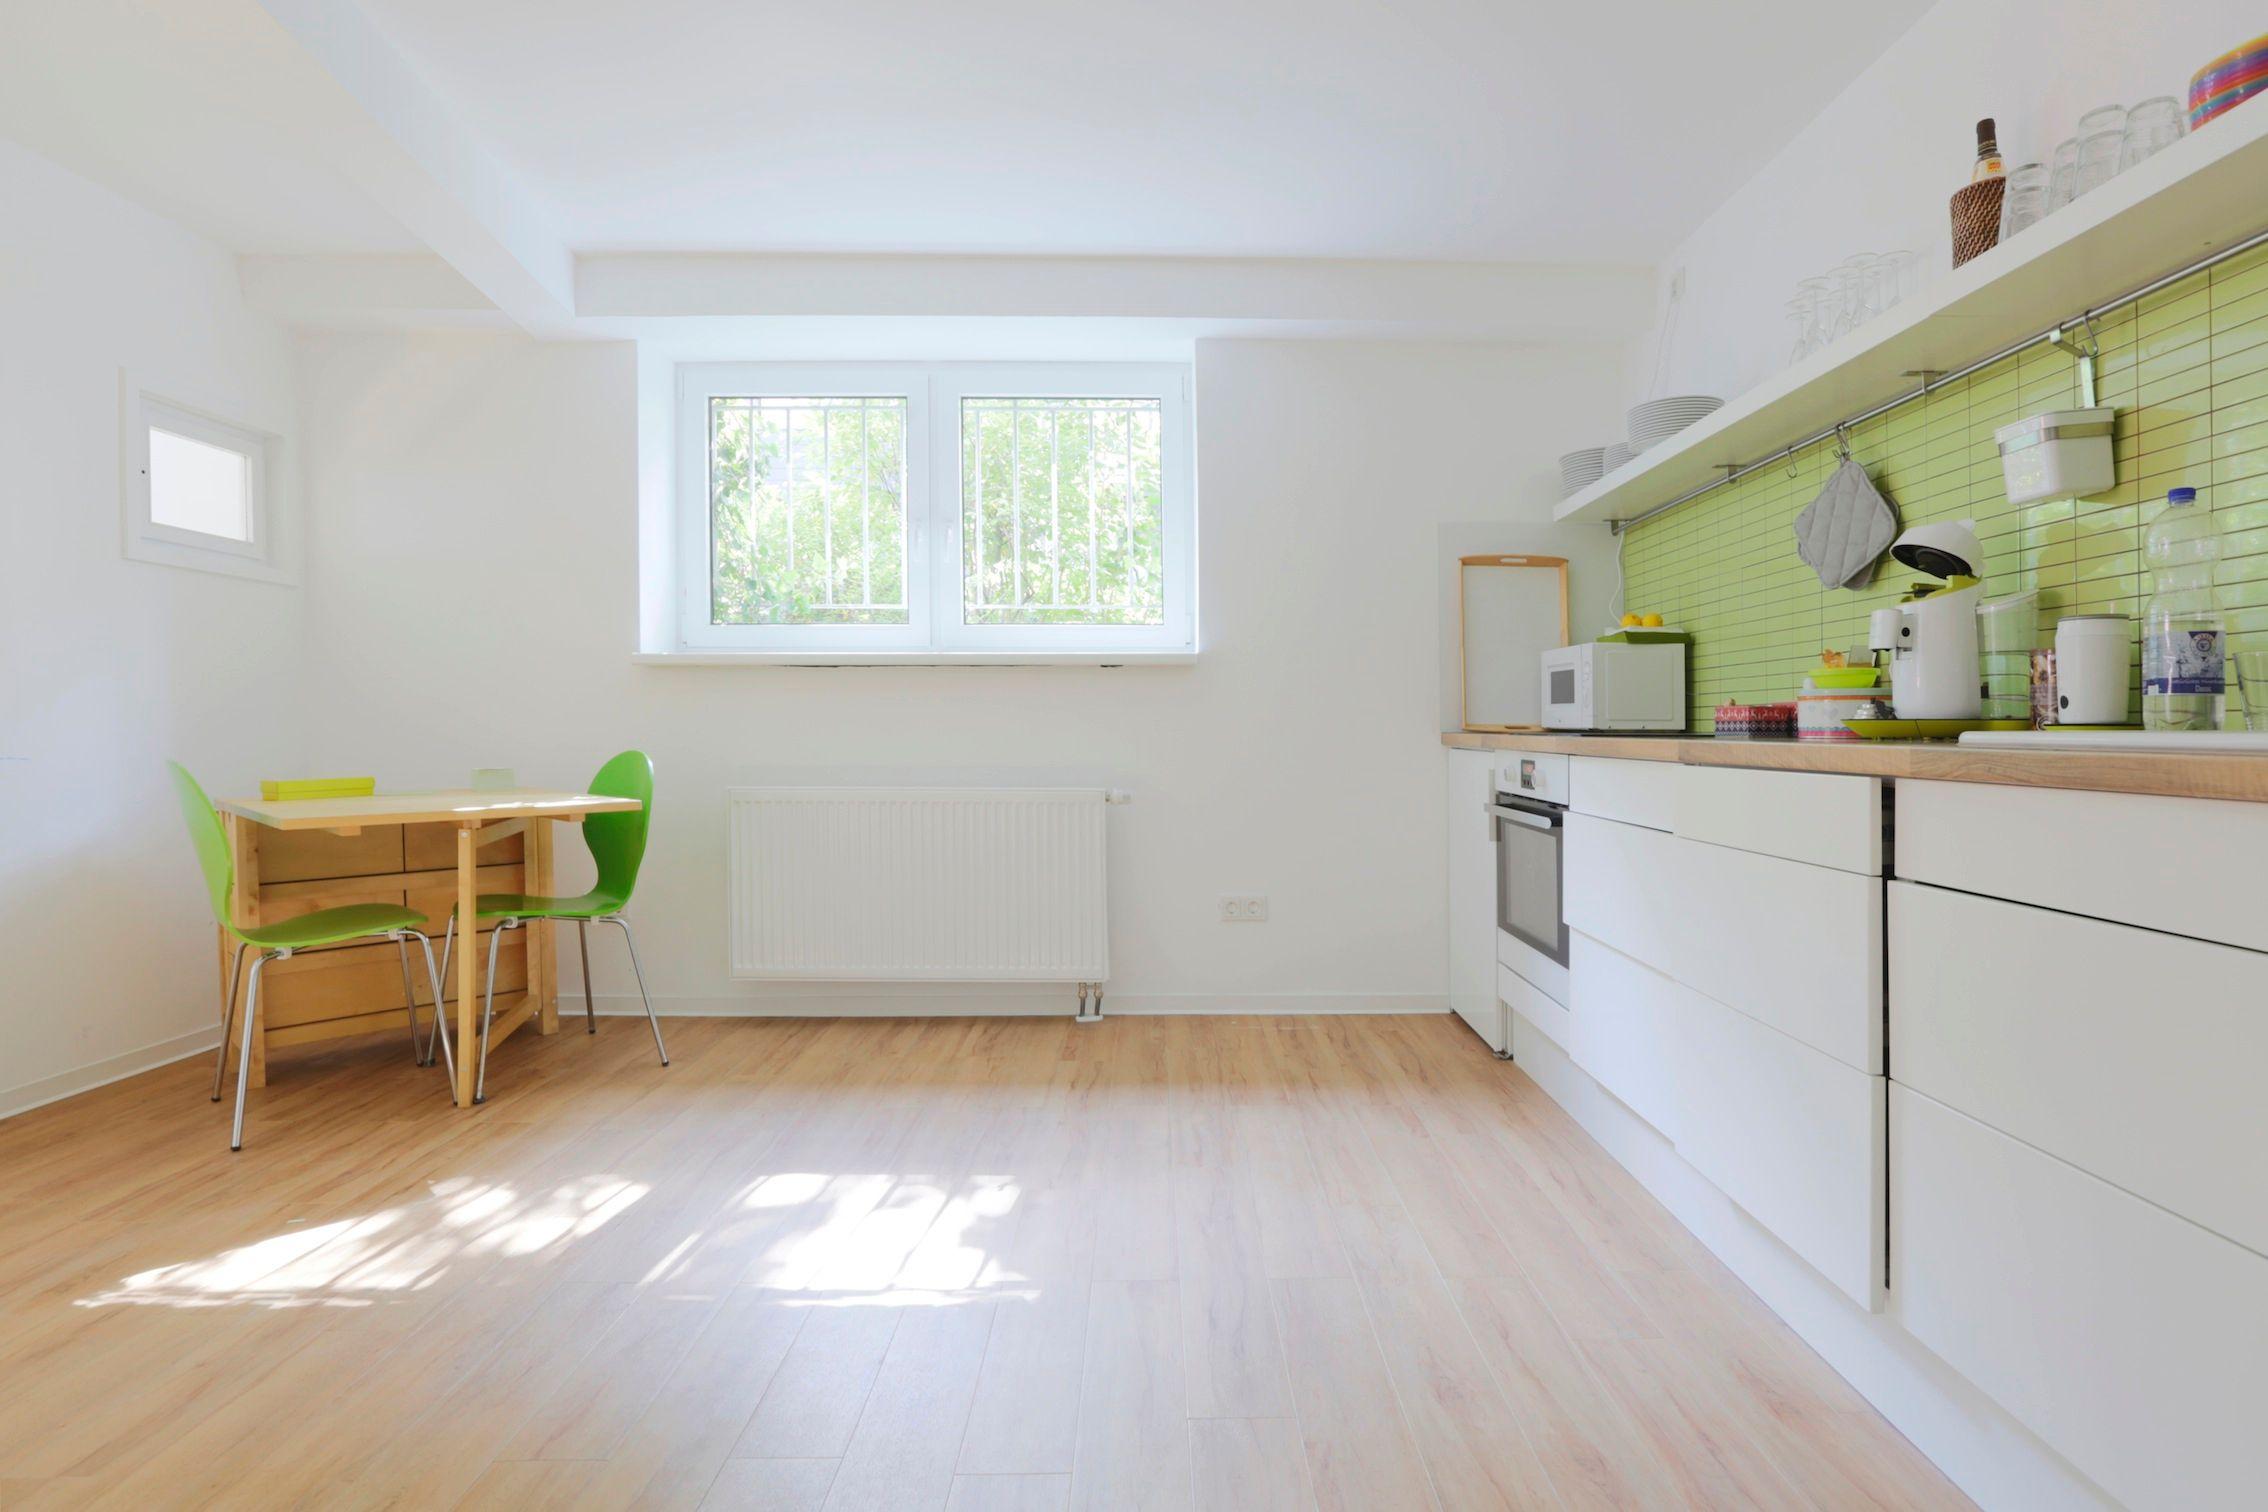 Küche Kleiner Raum kleiner raum küche 2 steffs rappelkiste